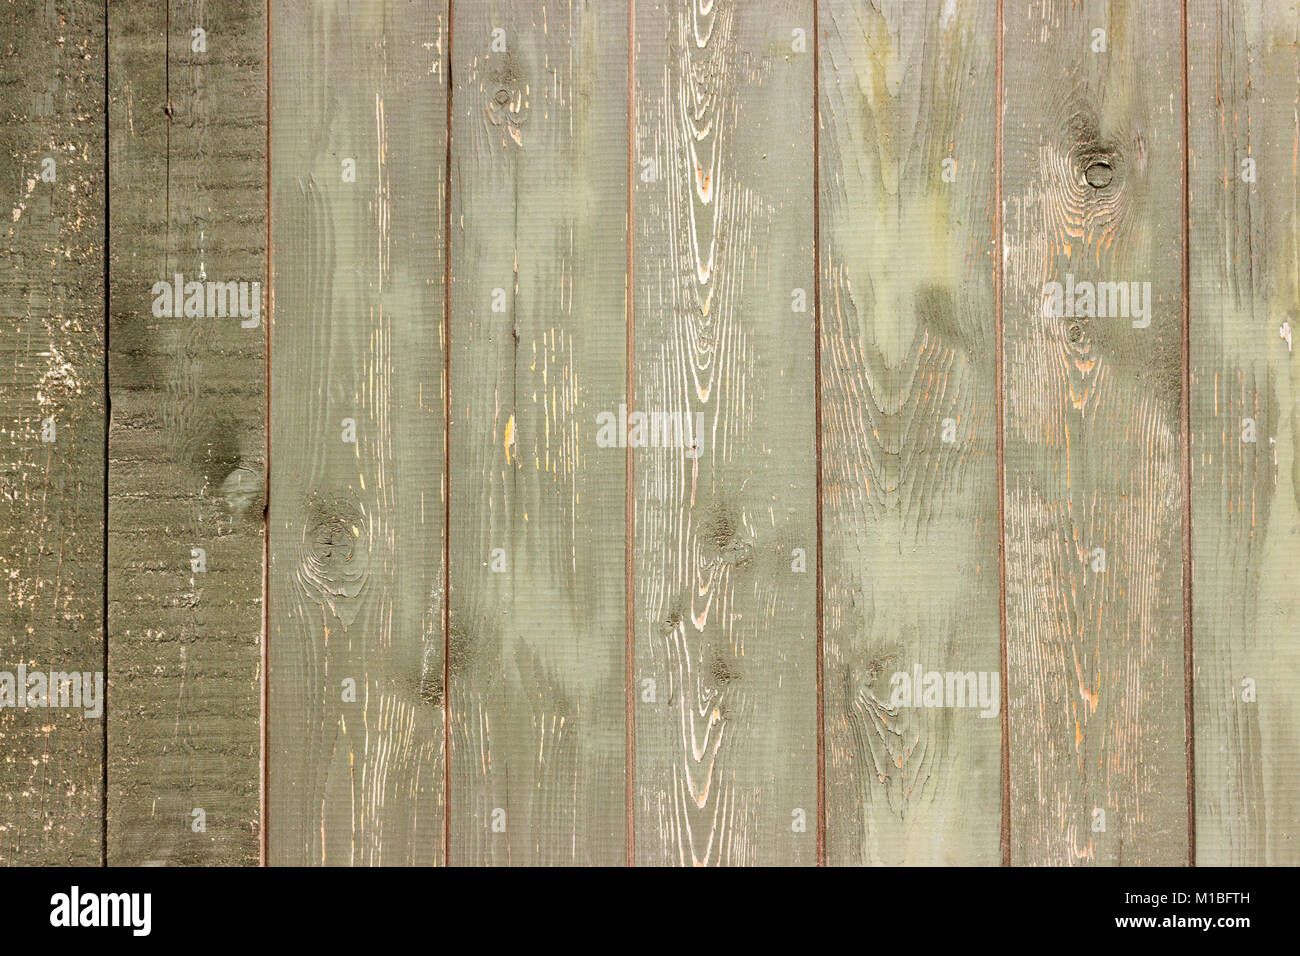 Legno Naturale Bianco : Vintage sfondo bianco di legno naturale vecchio muro foto